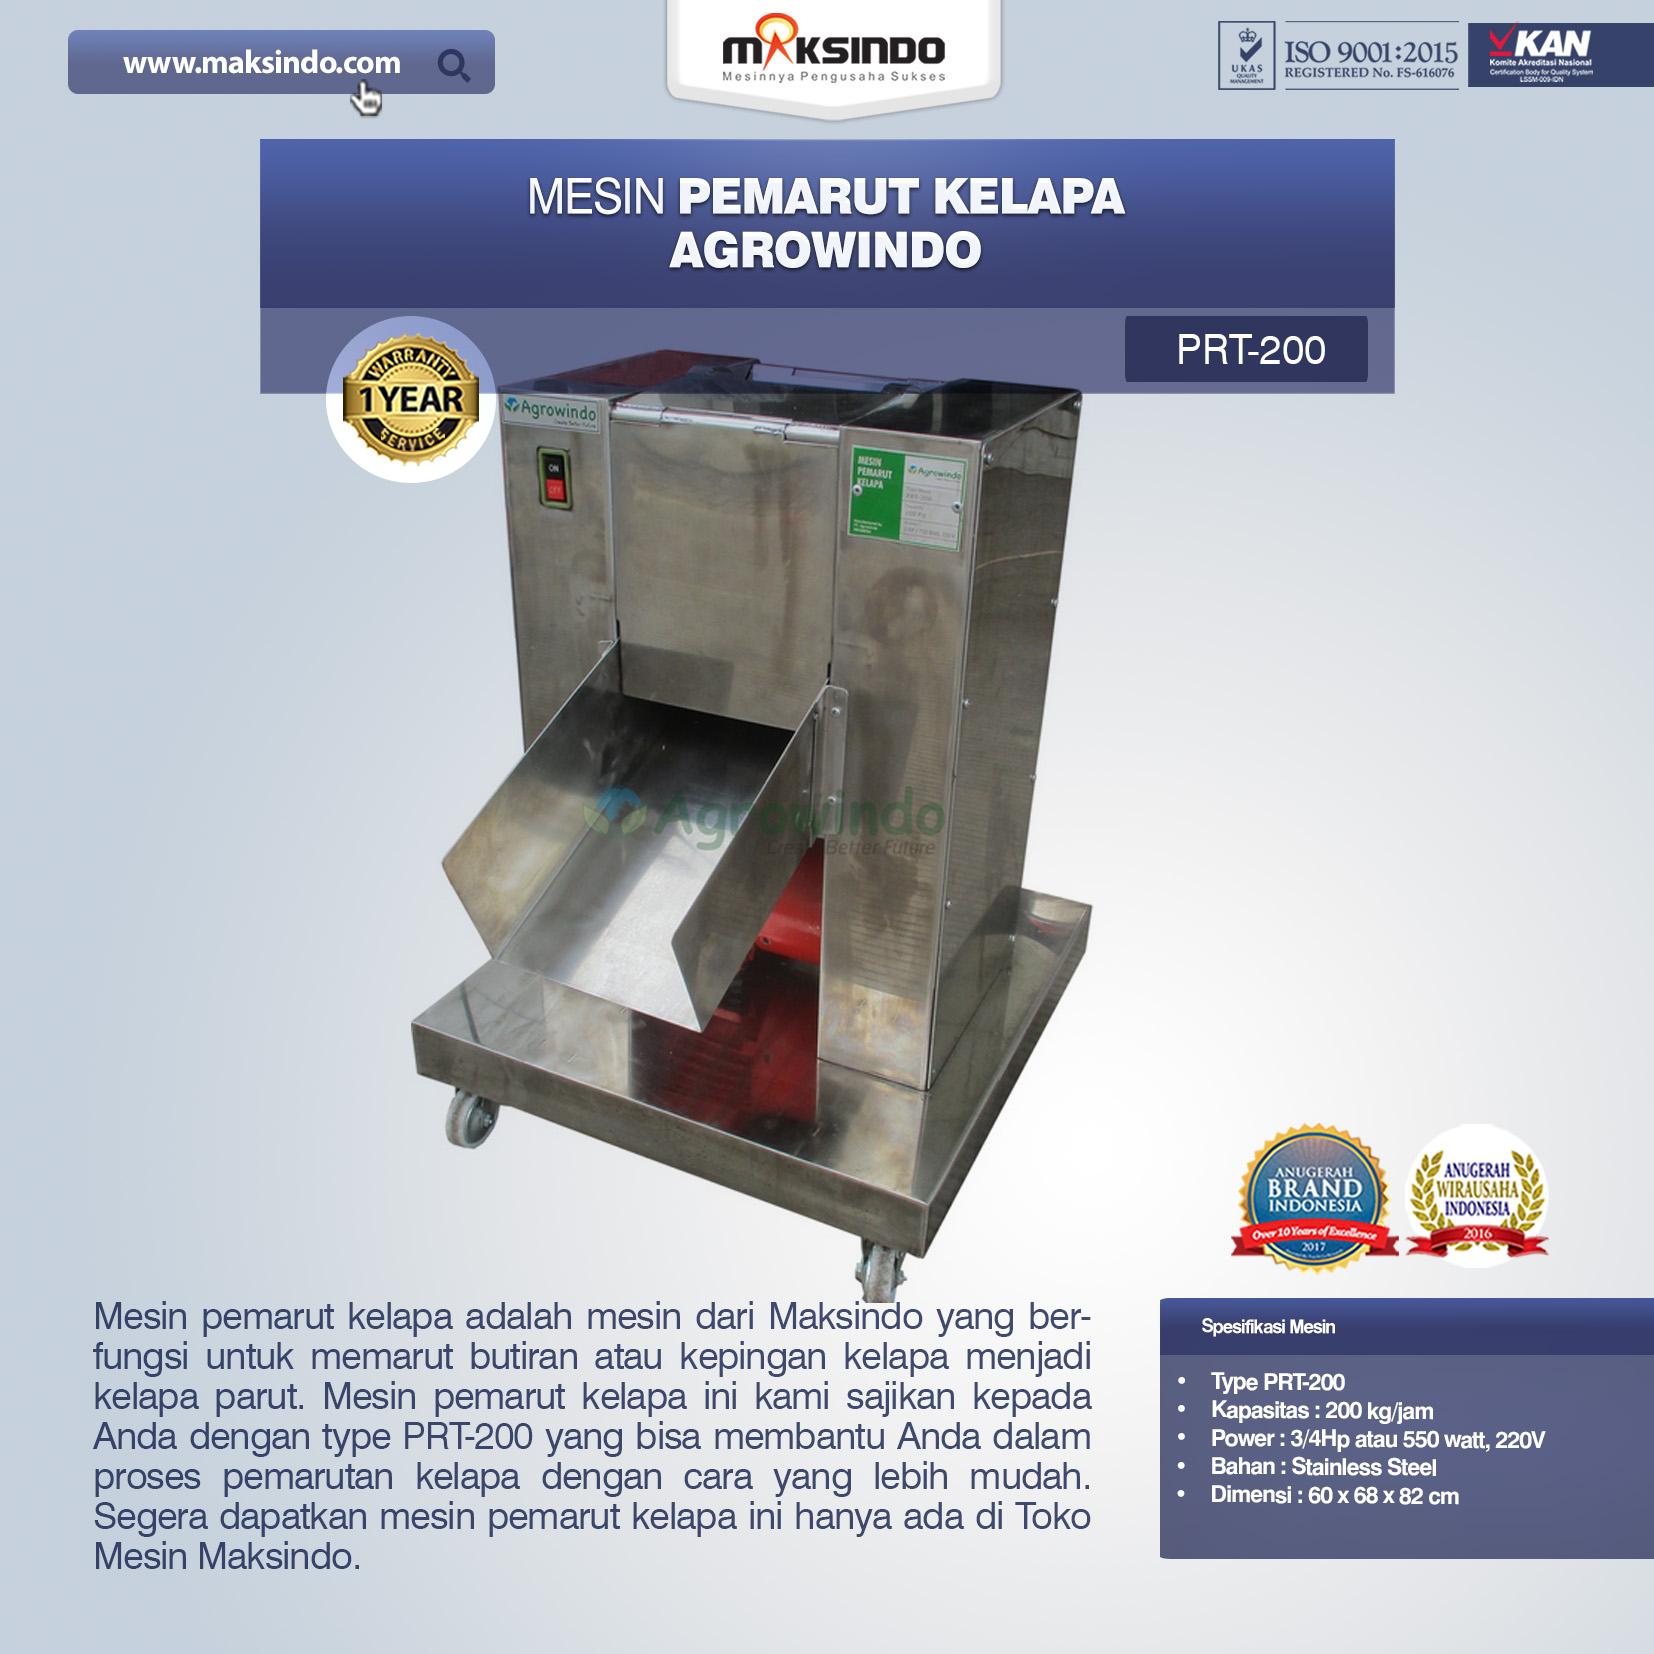 Jual Mesin Pemarut Kelapa PRT-200 di Blitar